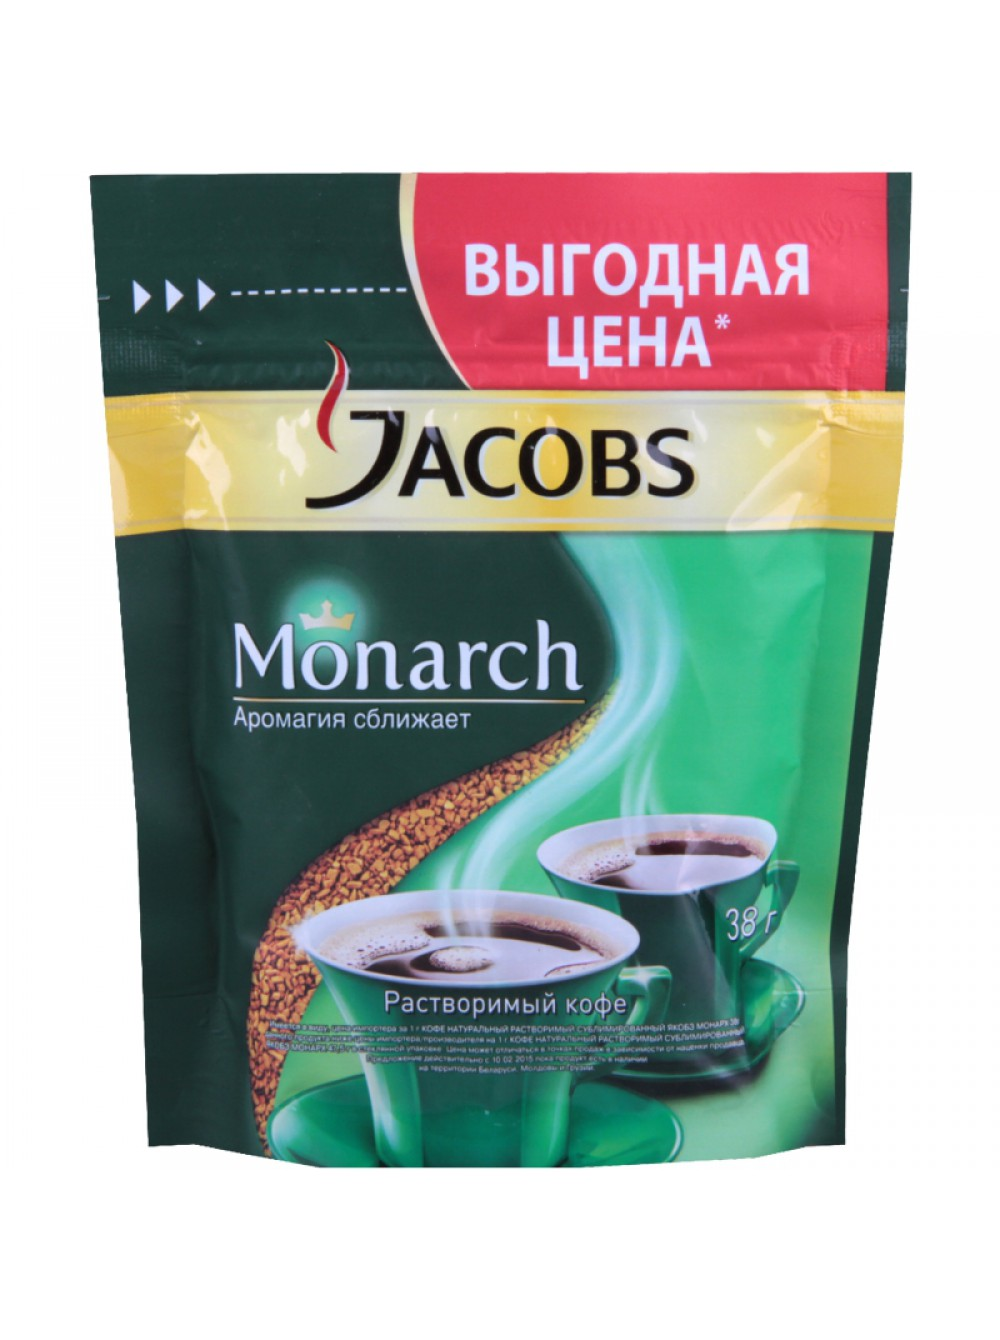 Кофе растворимый  Якобс  Монарх 38гр.